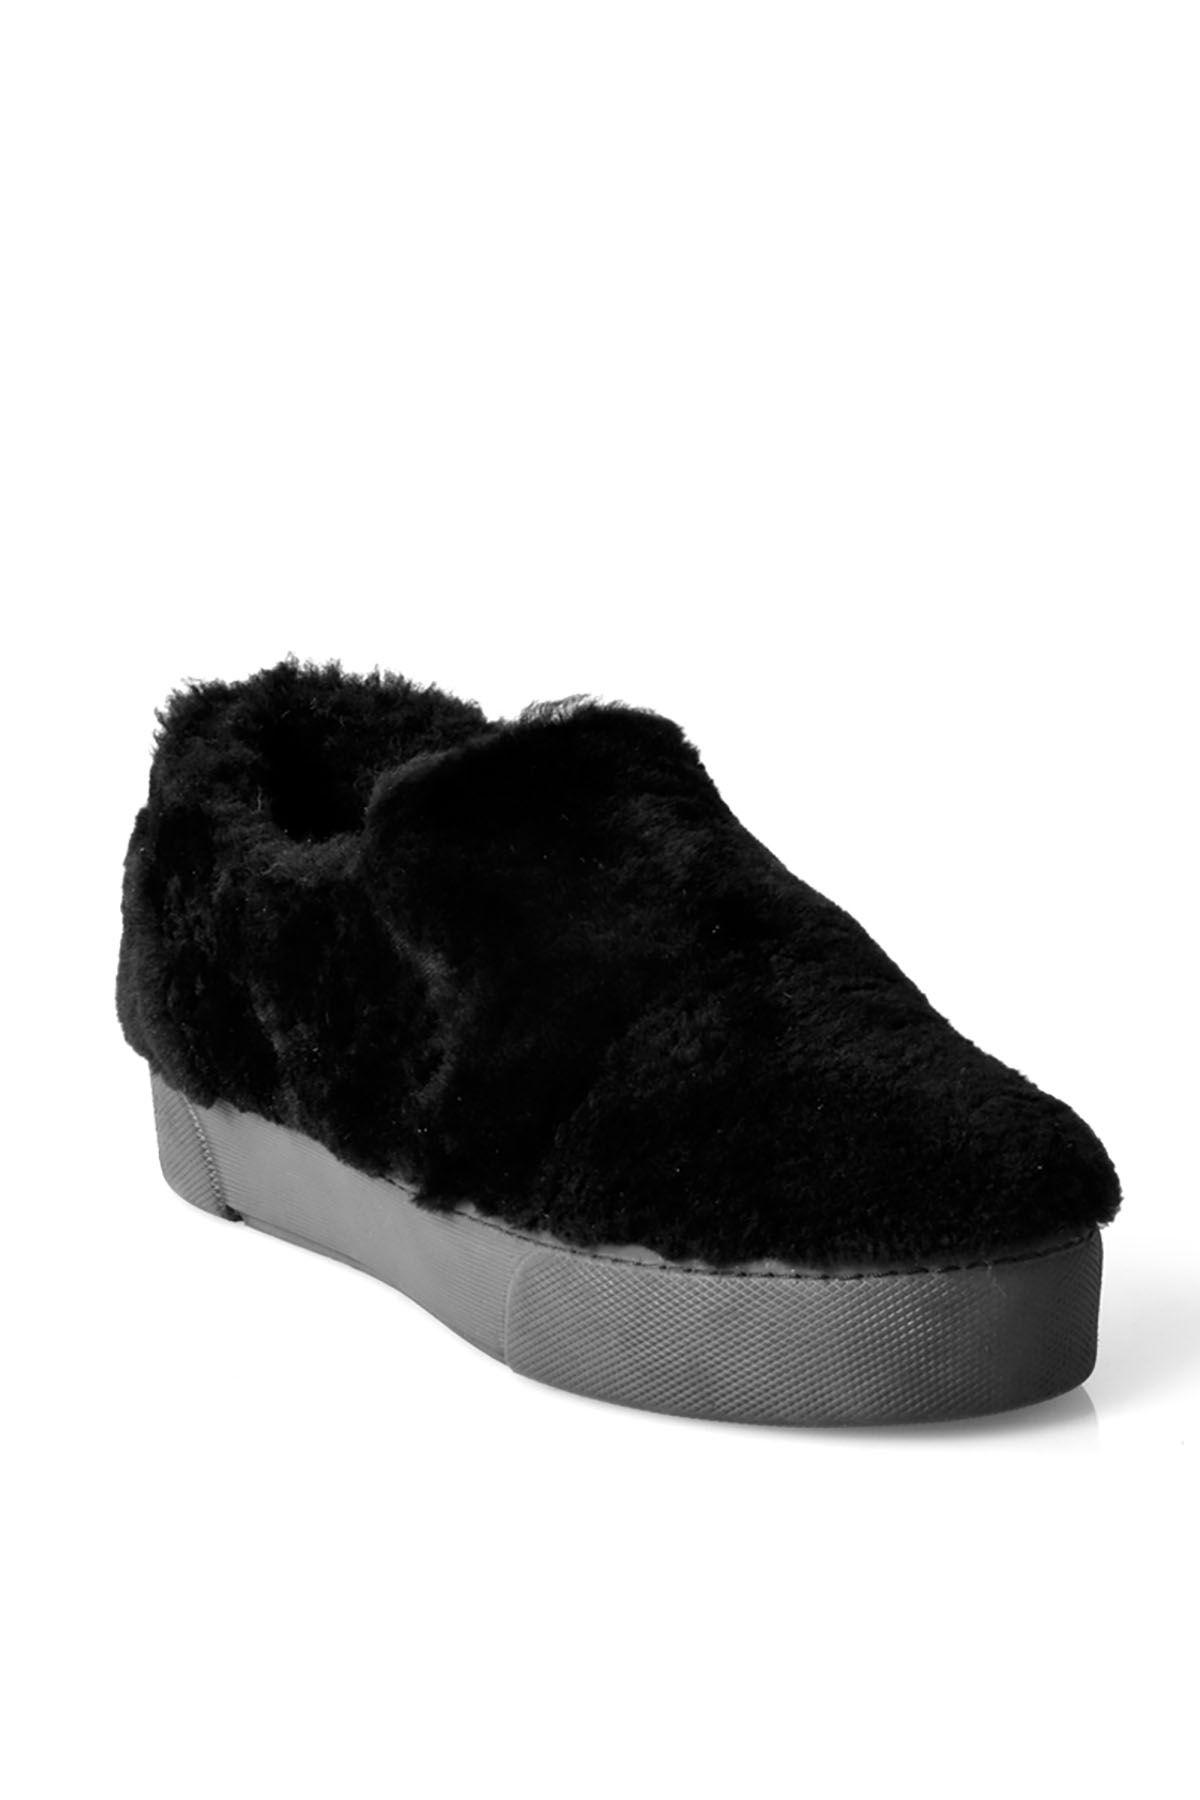 Pegia Hakiki Kürklü Bayan Sneaker  Siyah